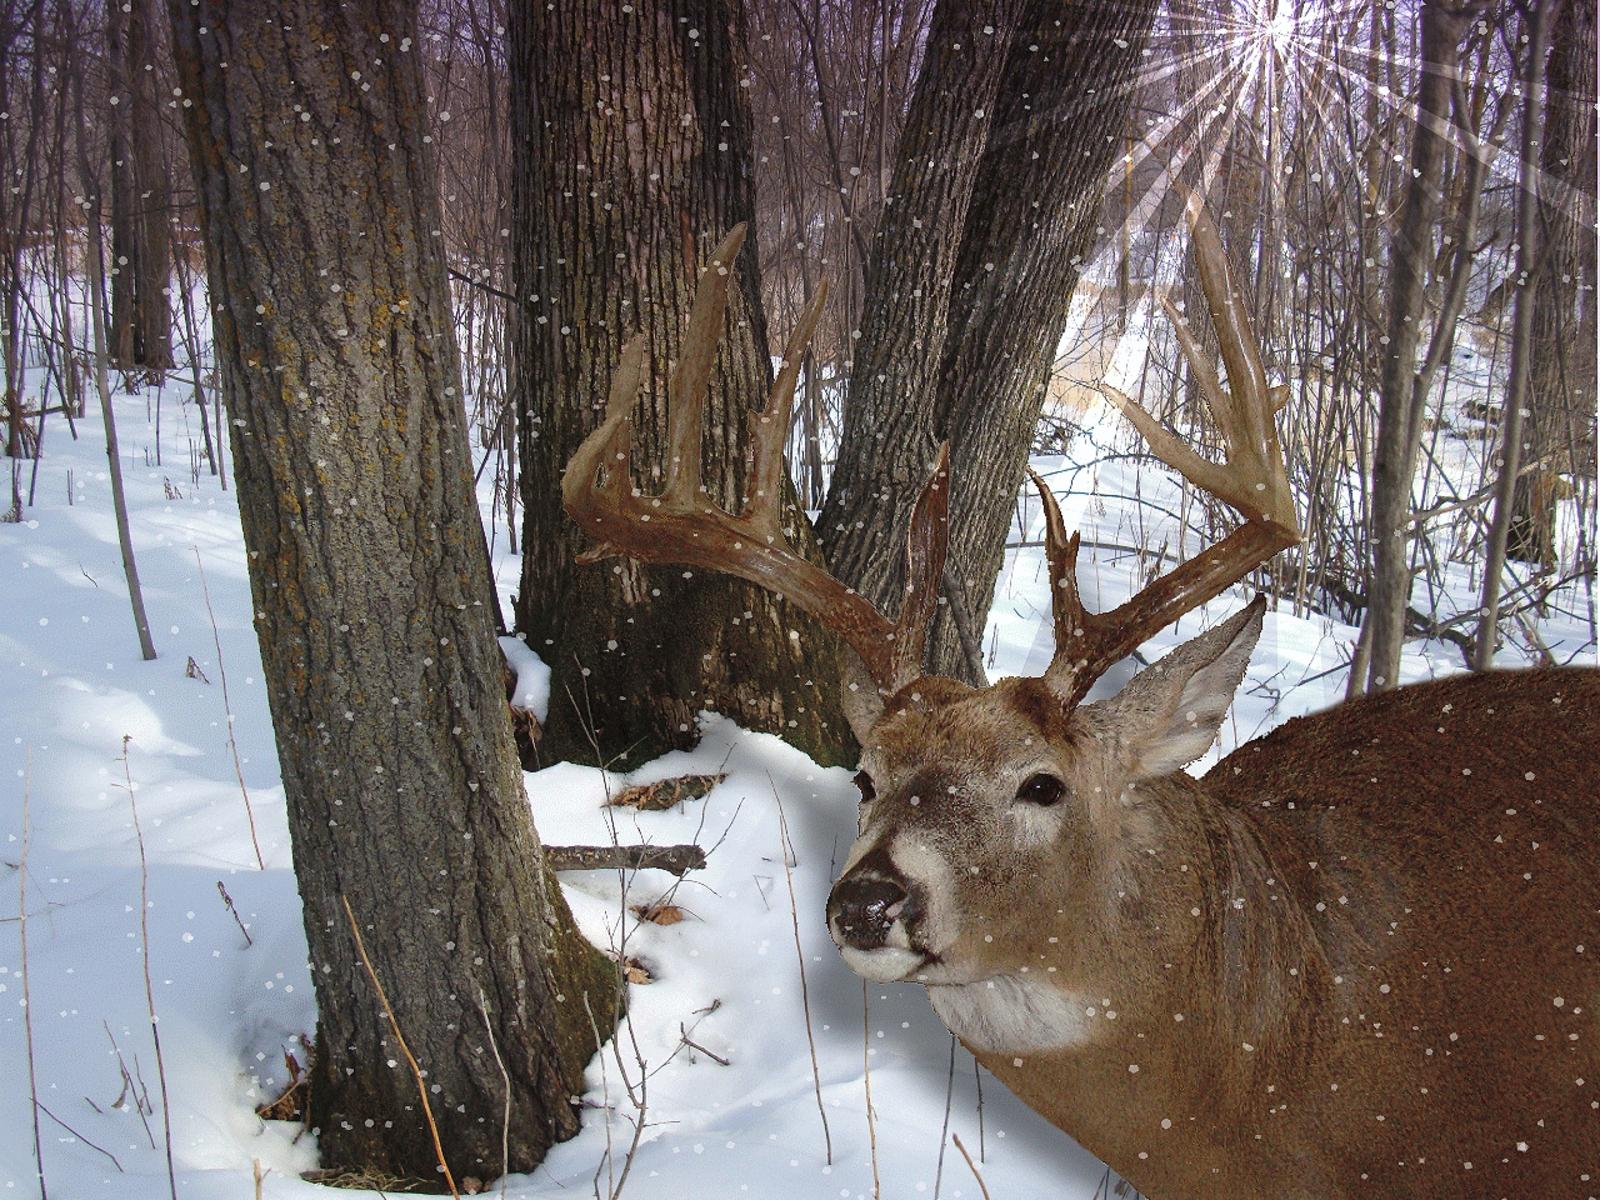 Definition deer wallpaperHigh Definition whitetail deer wallpaper 1600x1200